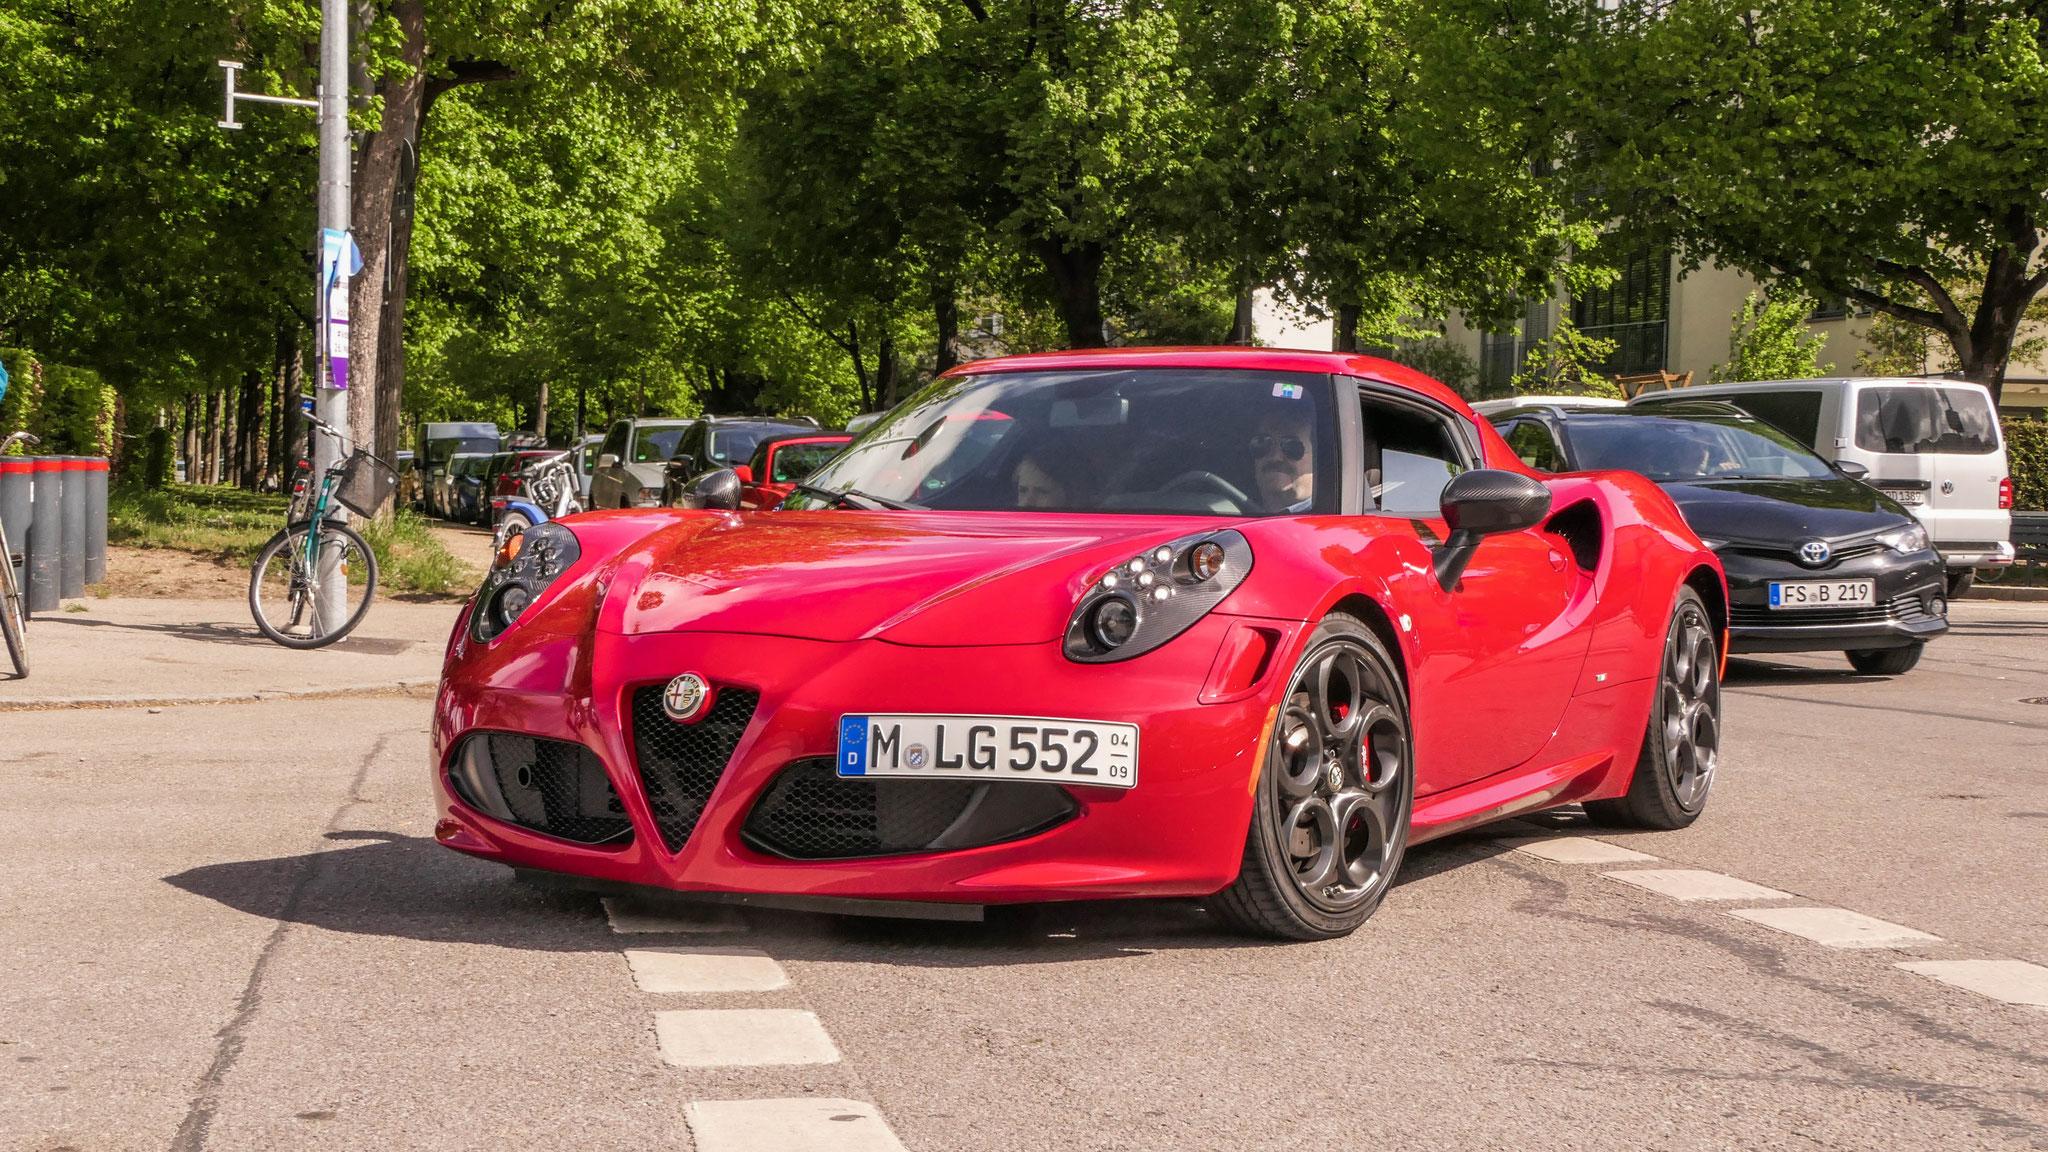 Alfa Romeo 4C - M-LG-552